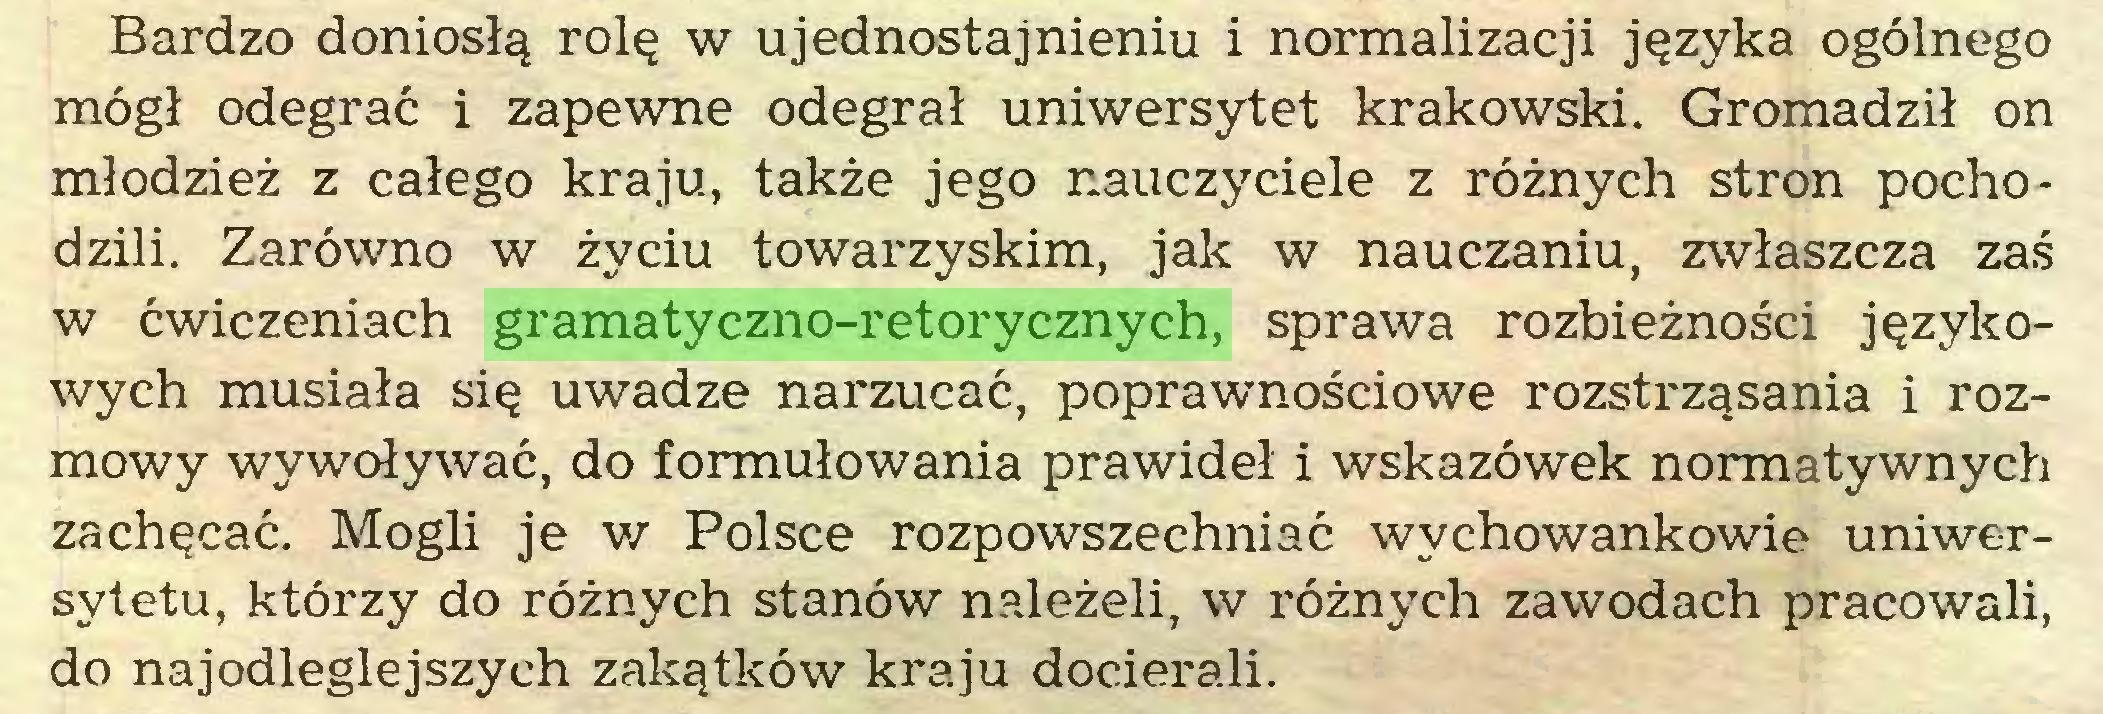 (...) Bardzo doniosłą rolę w ujednostajnieniu i normalizacji języka ogólnego mógł odegrać i zapewne odegrał uniwersytet krakowski. Gromadził on młodzież z całego kraju, także jego nauczyciele z różnych stron pochodzili. Zarówno w życiu towarzyskim, jak w nauczaniu, zwłaszcza zaś w ćwiczeniach gramatyczno-retorycznych, sprawa rozbieżności językowych musiała się uwadze narzucać, poprawnościowe rozstrząsania i rozmowy wywoływać, do formułowania prawideł i wskazówek normatywnych zachęcać. Mogli je w Polsce rozpowszechniać wychowankowie uniwersytetu, którzy do różnych stanów należeli, w różnych zawodach pracowali, do najodleglejszych zakątków kraju docierali...